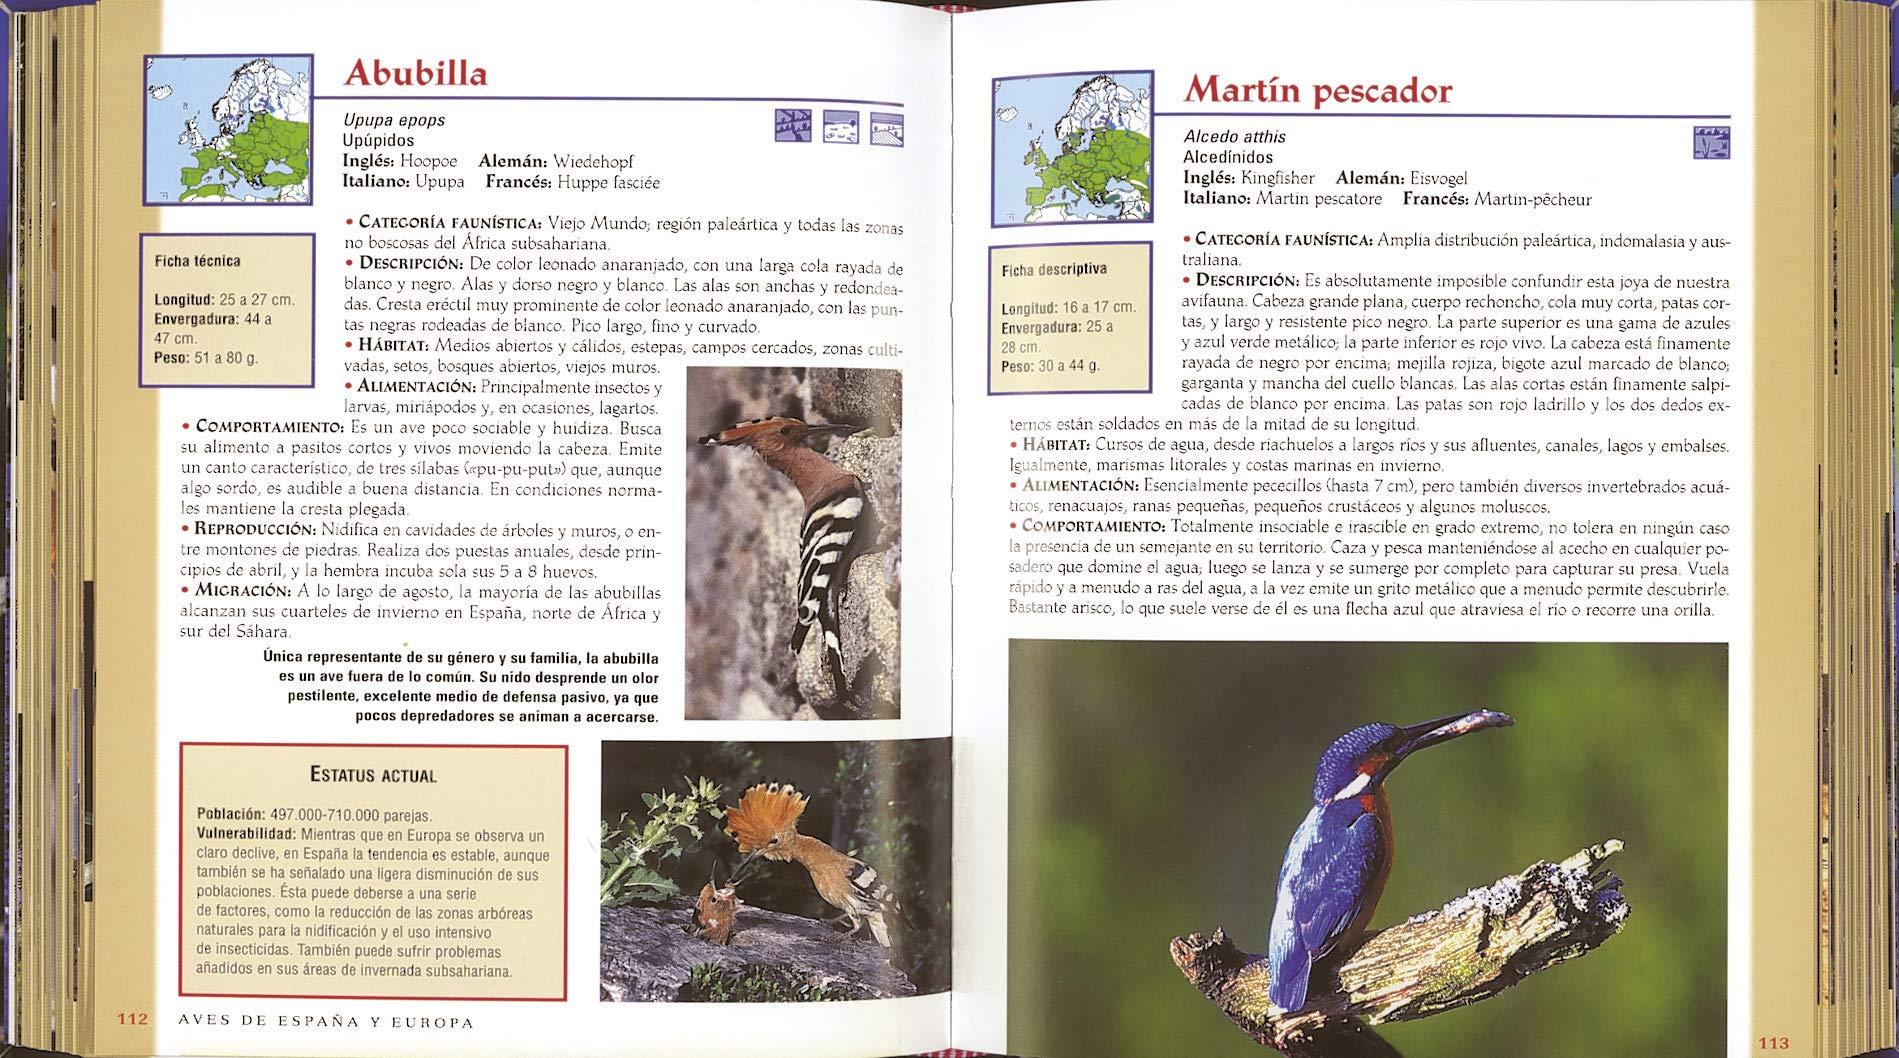 Aves De España y Europa (Vida verde): Amazon.es: Varios Autores: Libros